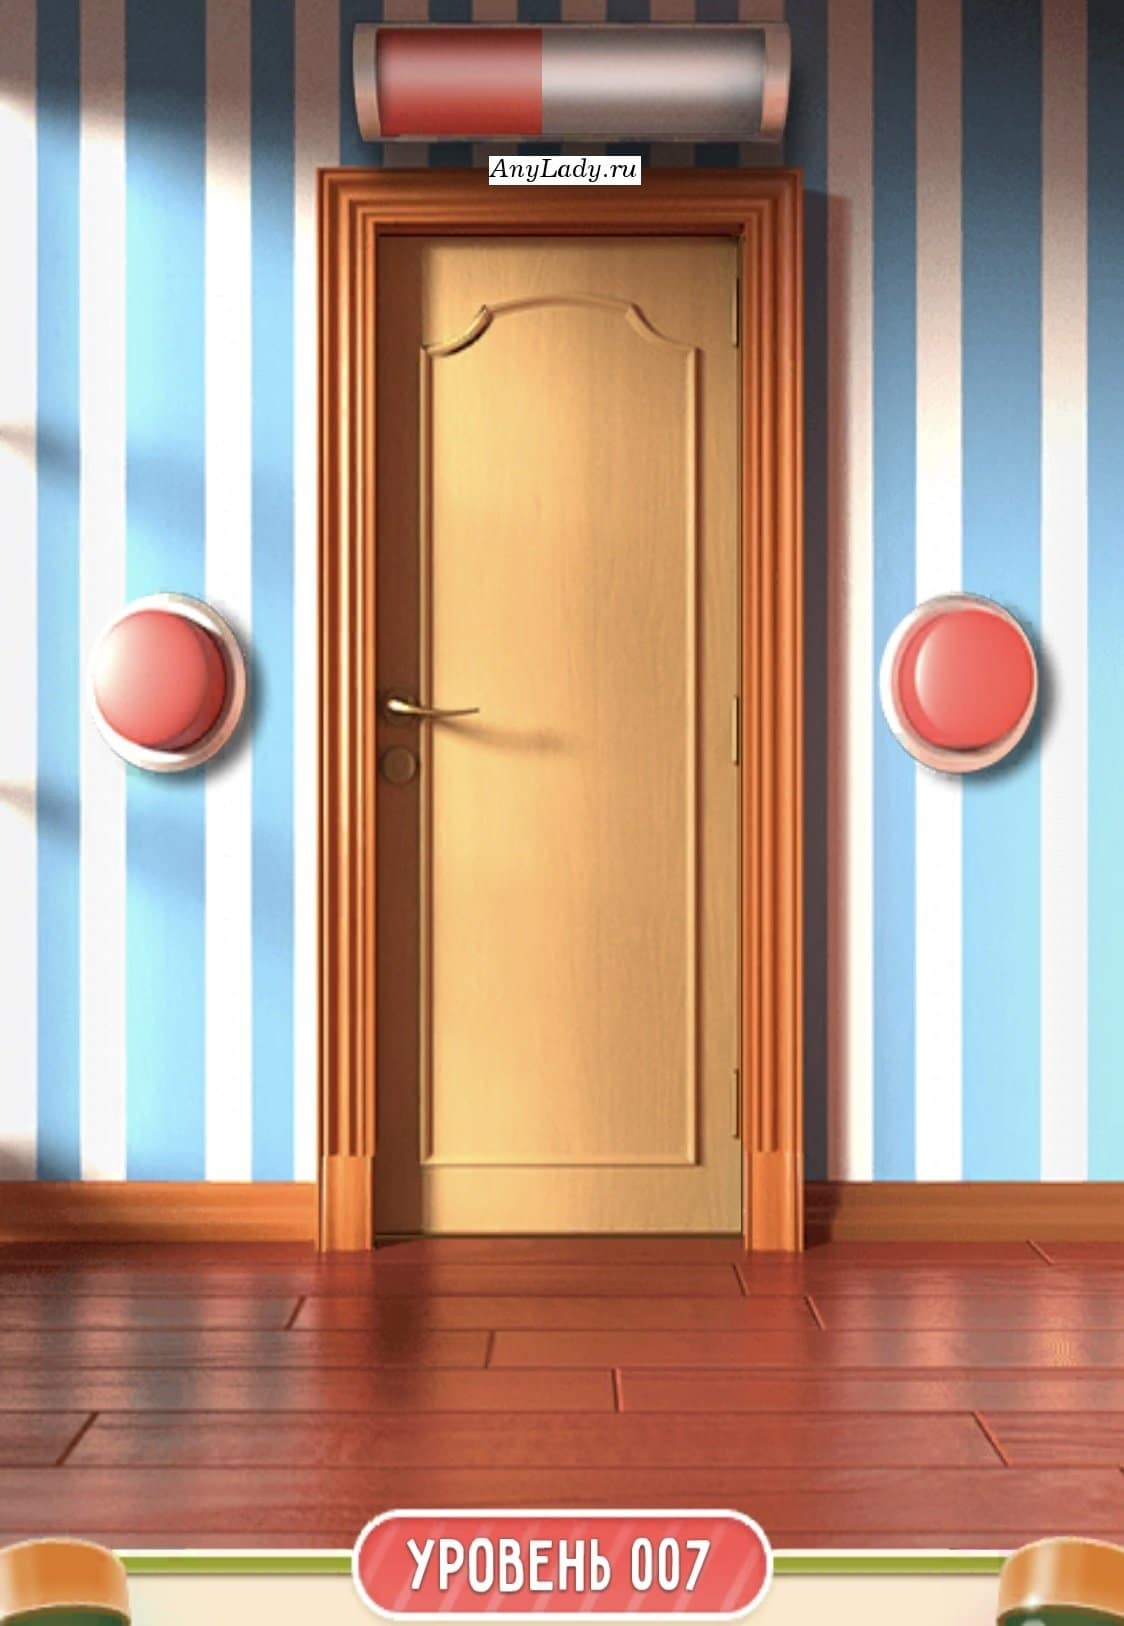 Одновременно зажмите обе кнопки по краям двери, до полного заполнения индикатора сверху.